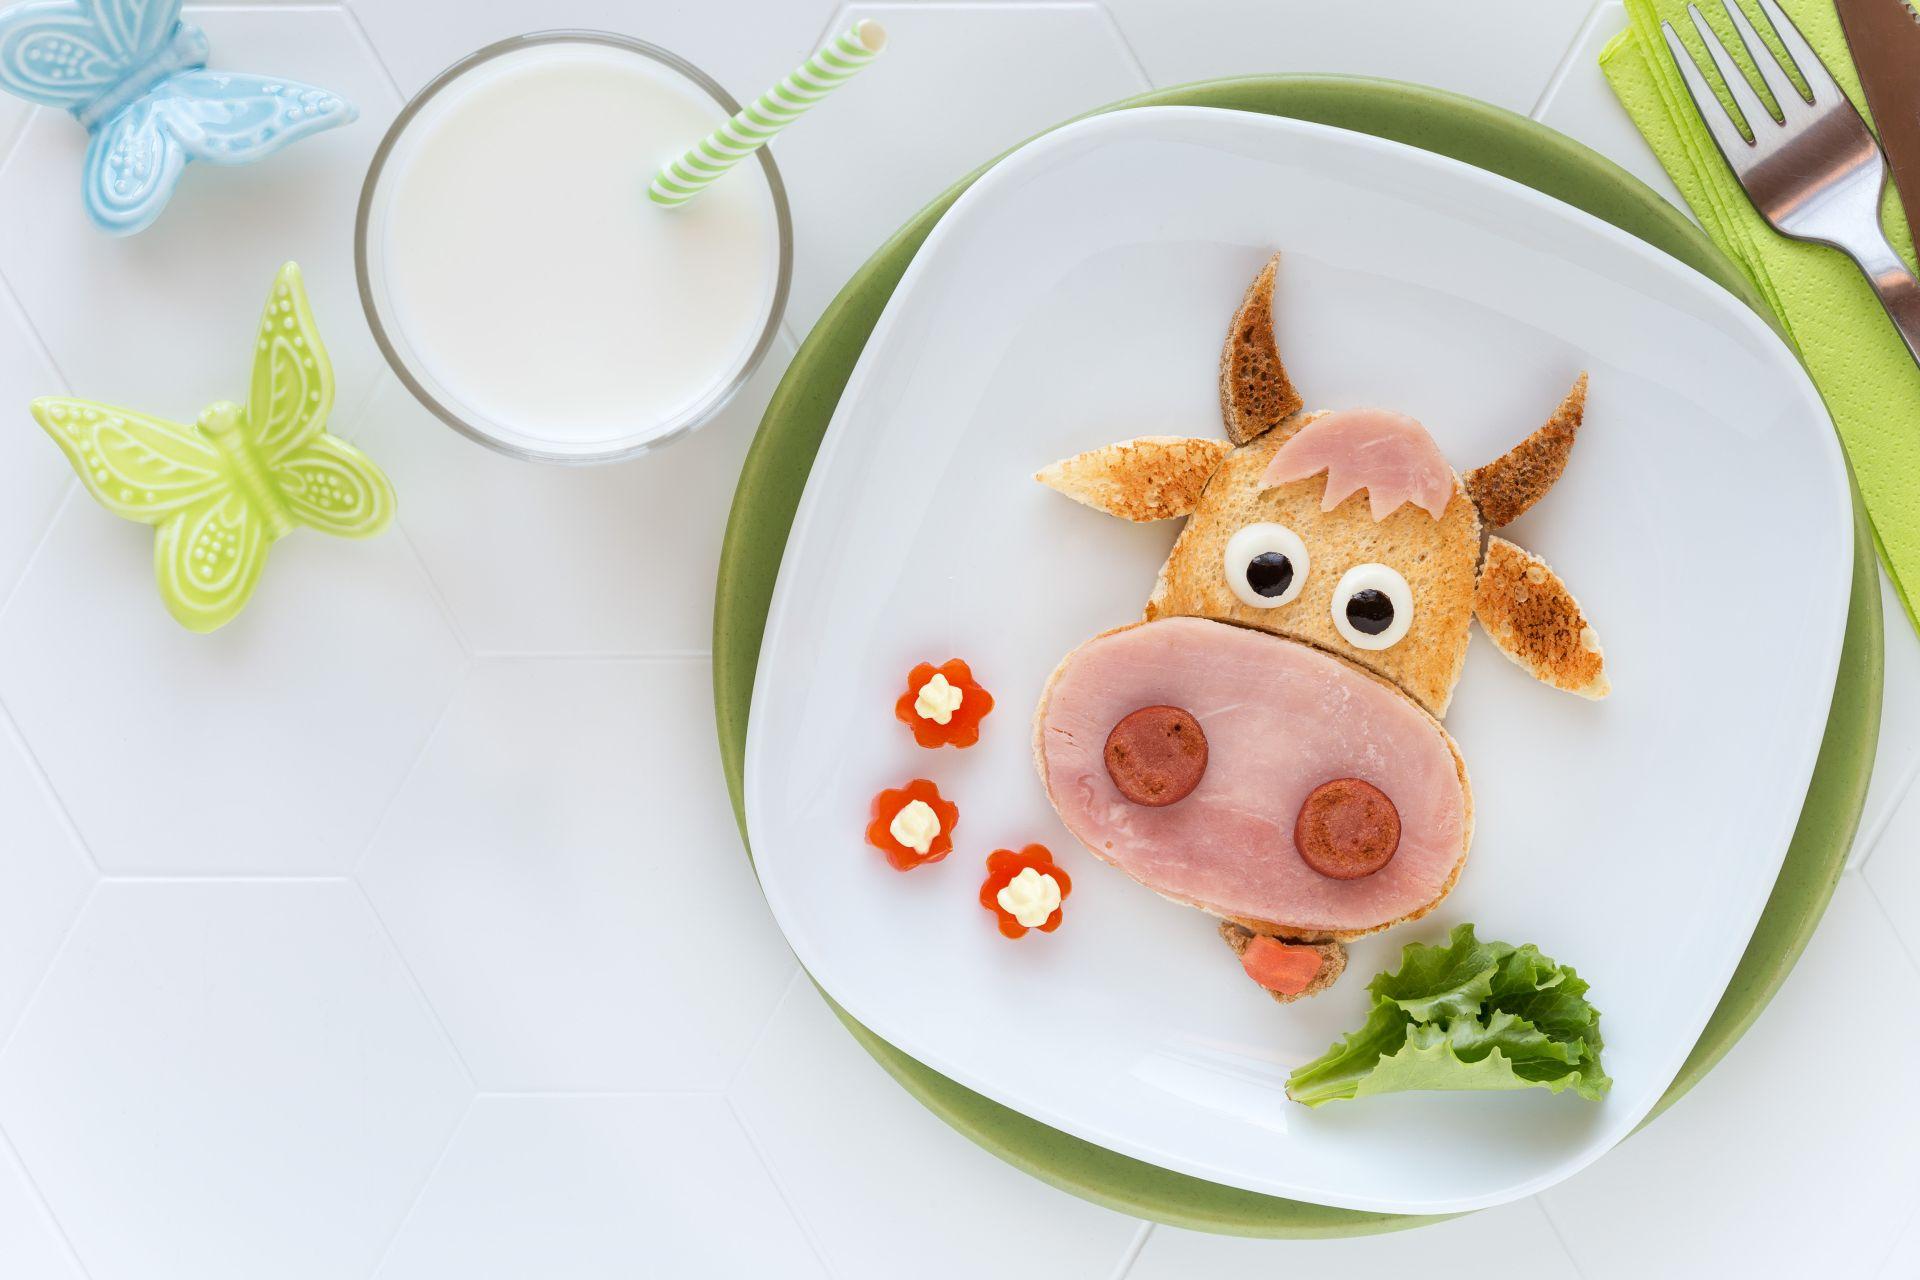 Dieta dla nastolatków i dzieci - jak komponować posiłki, aby były zdrowe, nie wiały nudą i zawierały potrzebne do ich rozwoju składniki odżywcze?